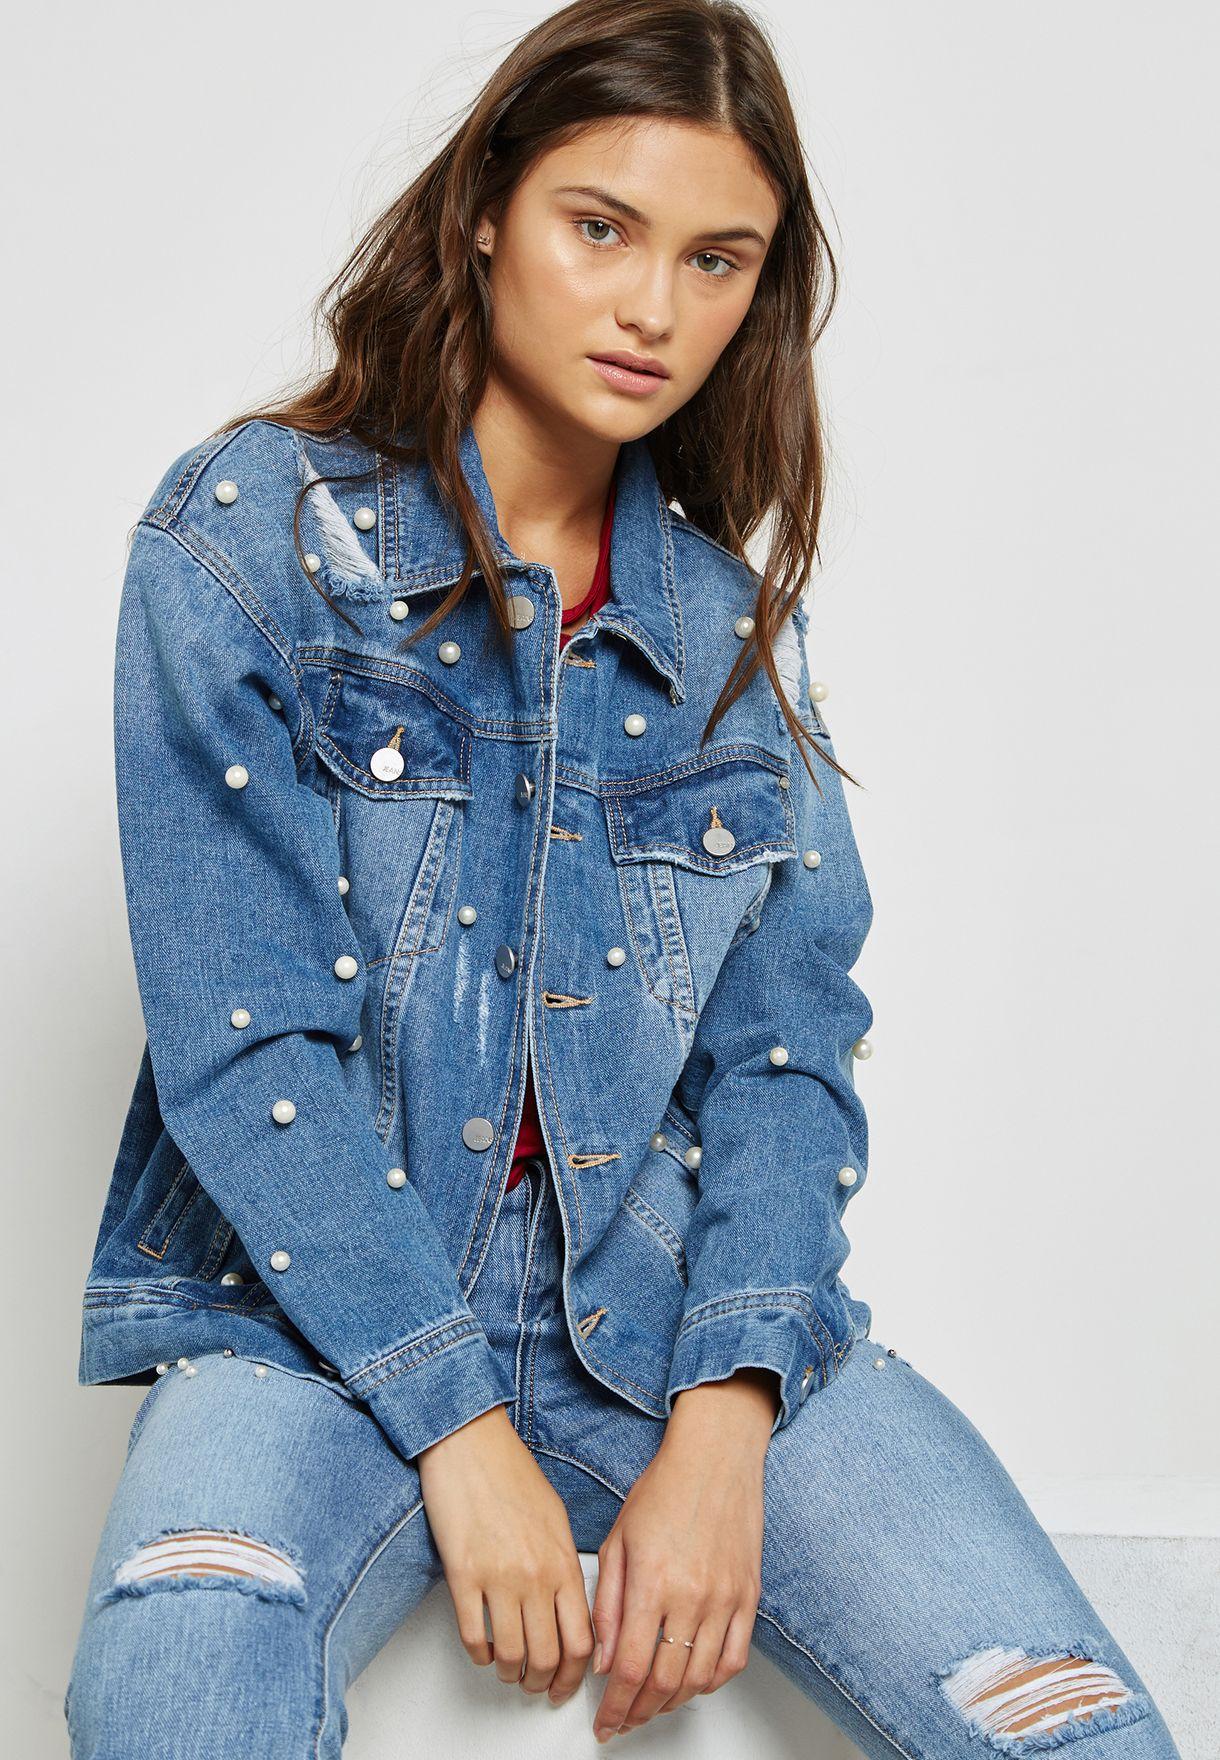 ac08efe7761a1 تسوق جاكيت جينز مزين باللؤلؤ ماركة جينجر لون أزرق 1002 في الامارات ...